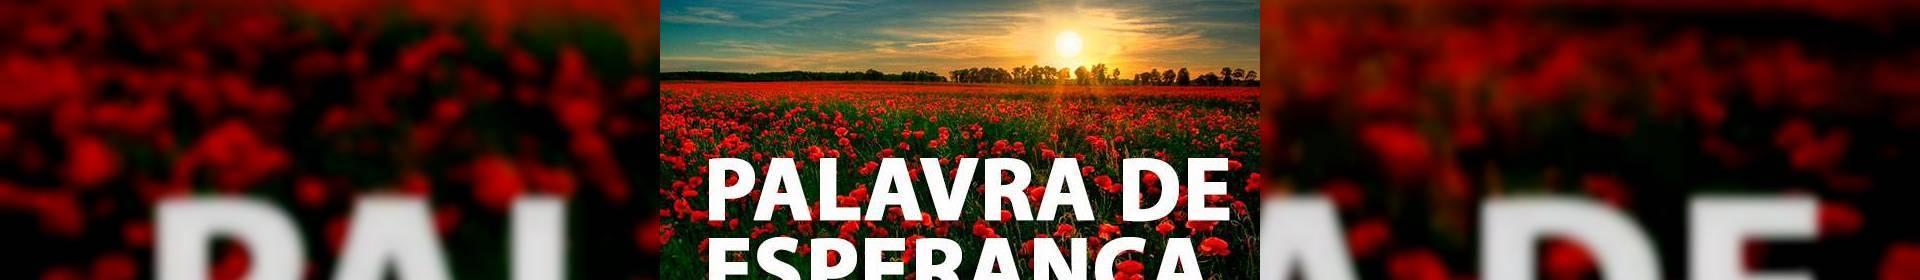 Salmos 139:1-2 - Uma Palavra de Esperança para sua vida